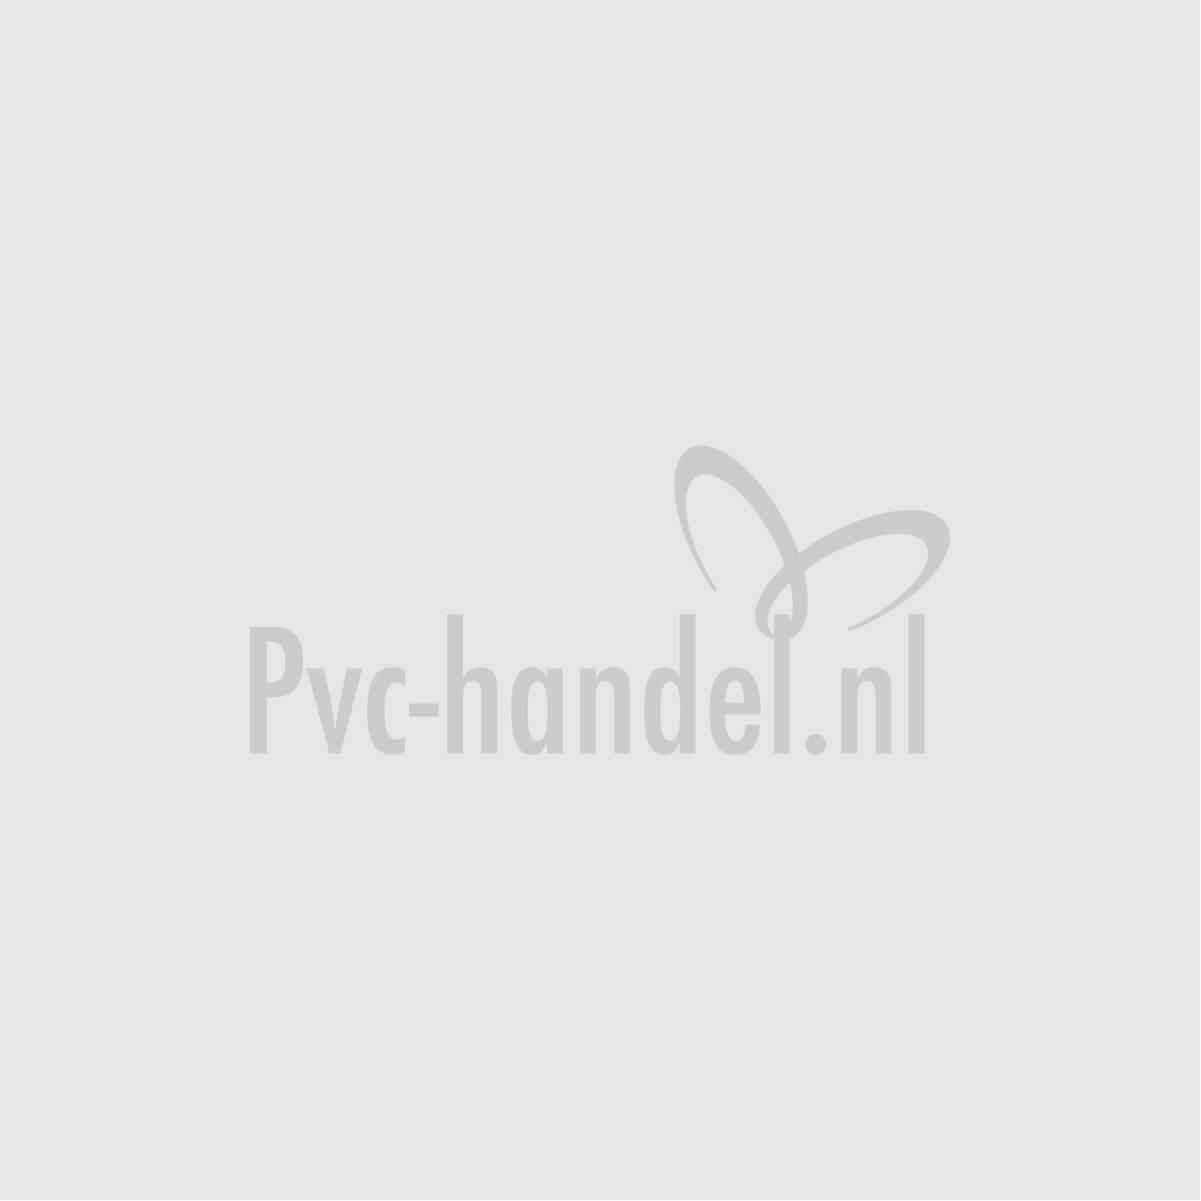 Ptfe afdichtingstape met GASTEC keur